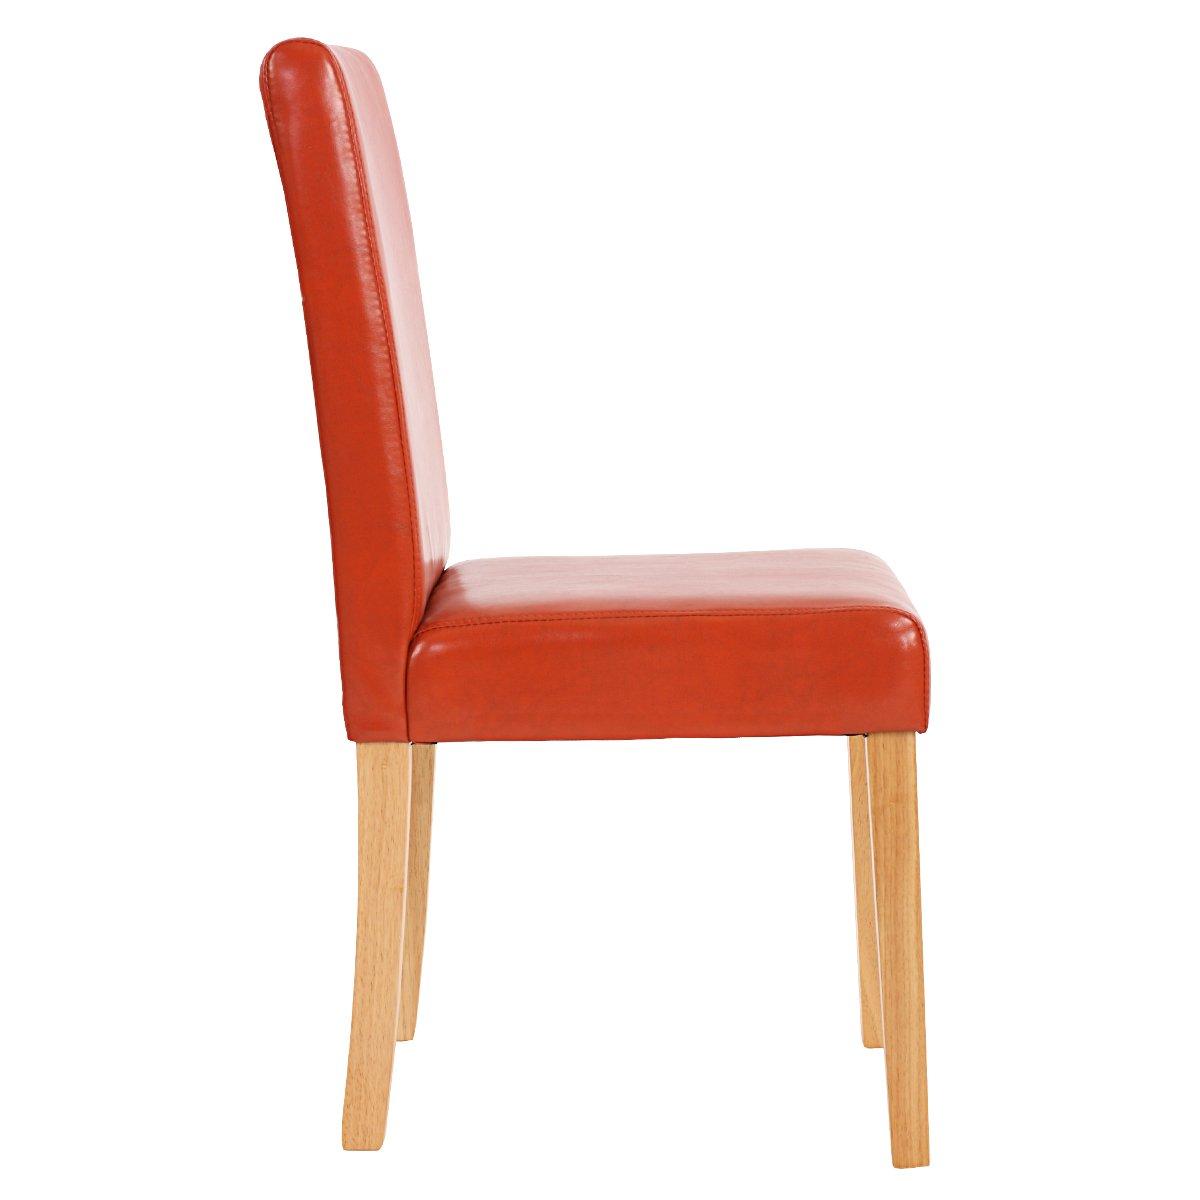 Lote 4 sillas de comedor litau en piel terracota lote 4 sillas de comedor litau en piel - Sillas comedor piel ...